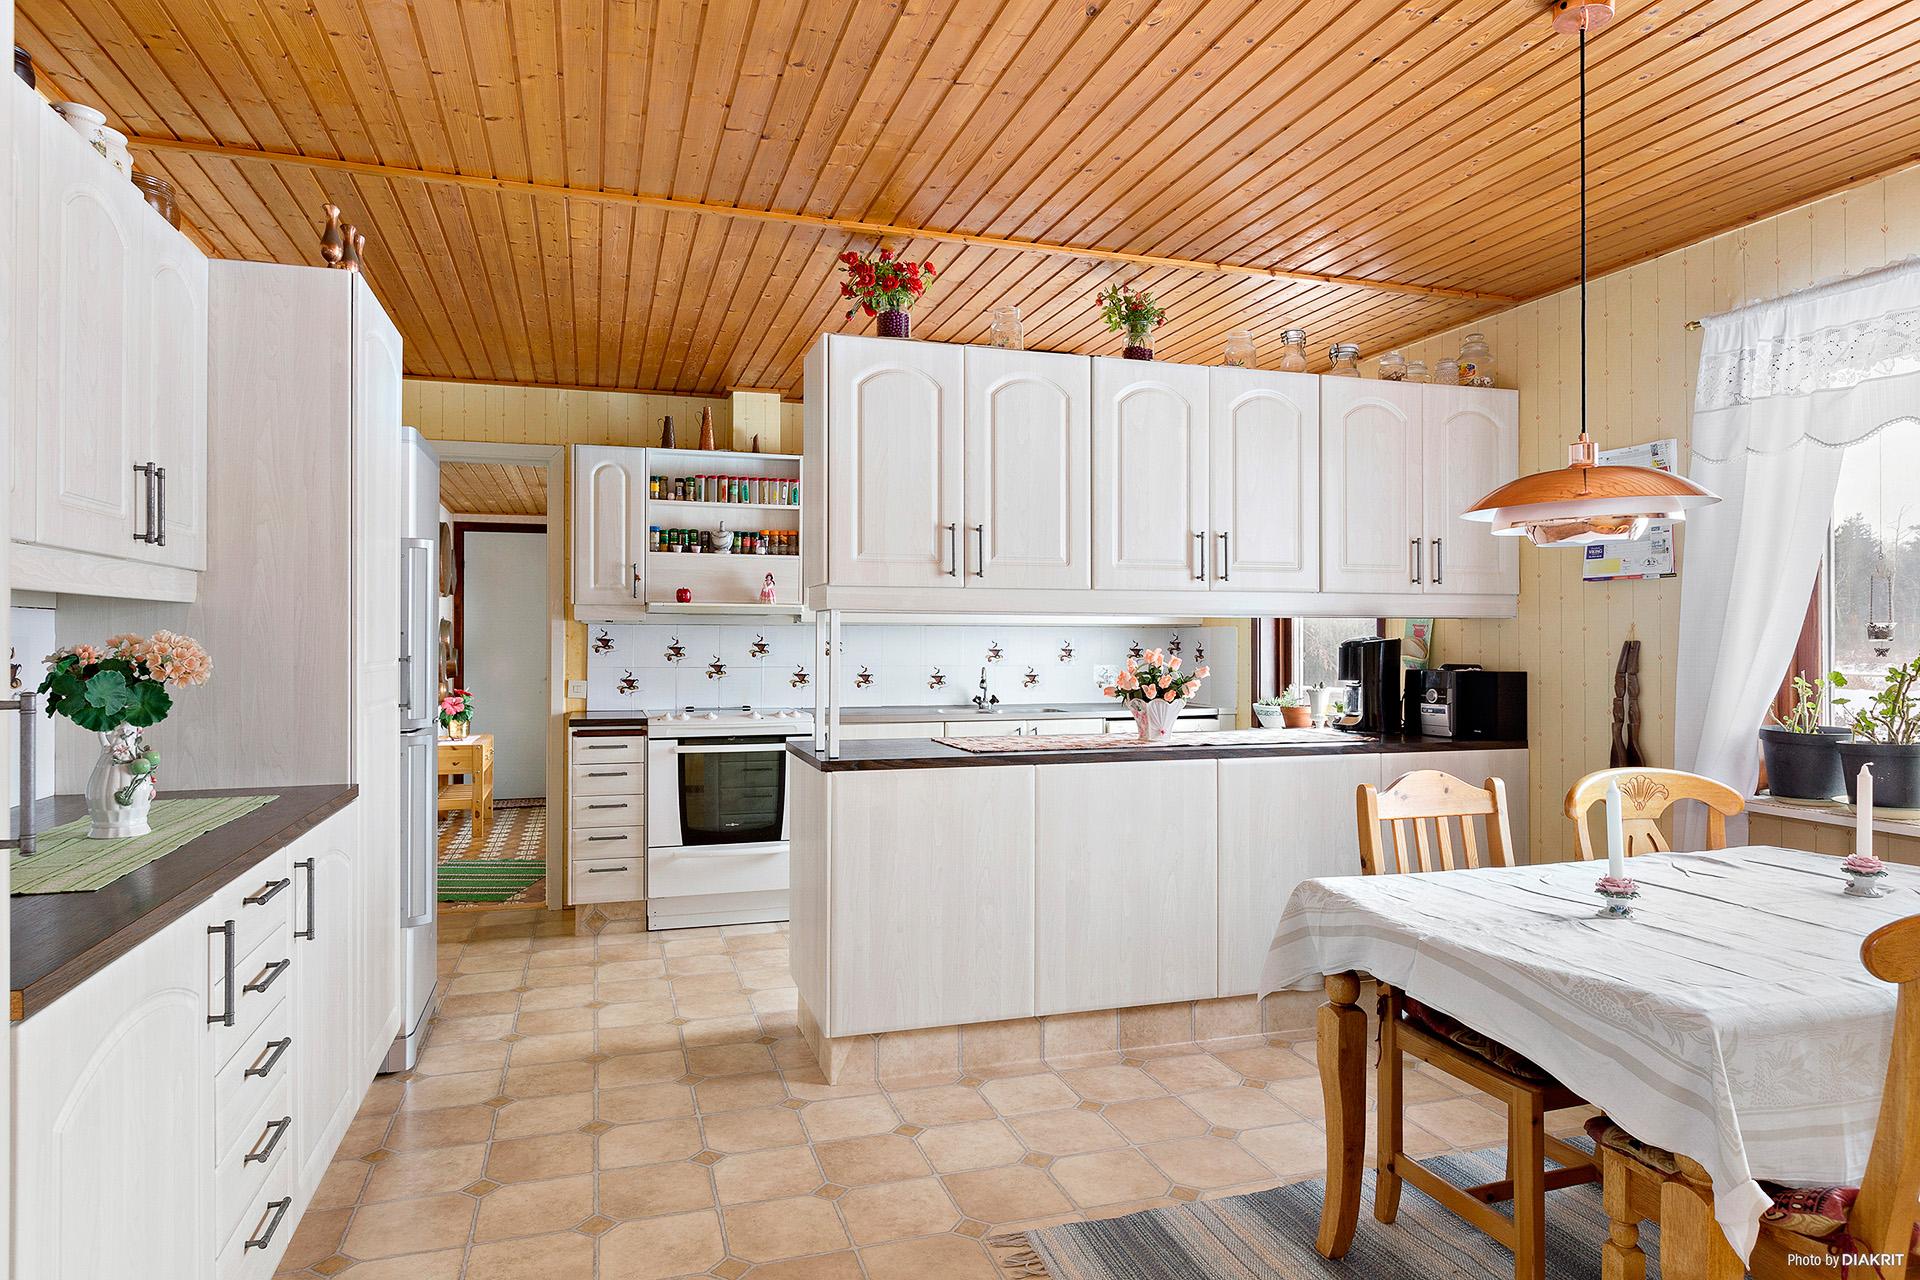 Stort, öppet kök avdelat med bardel.